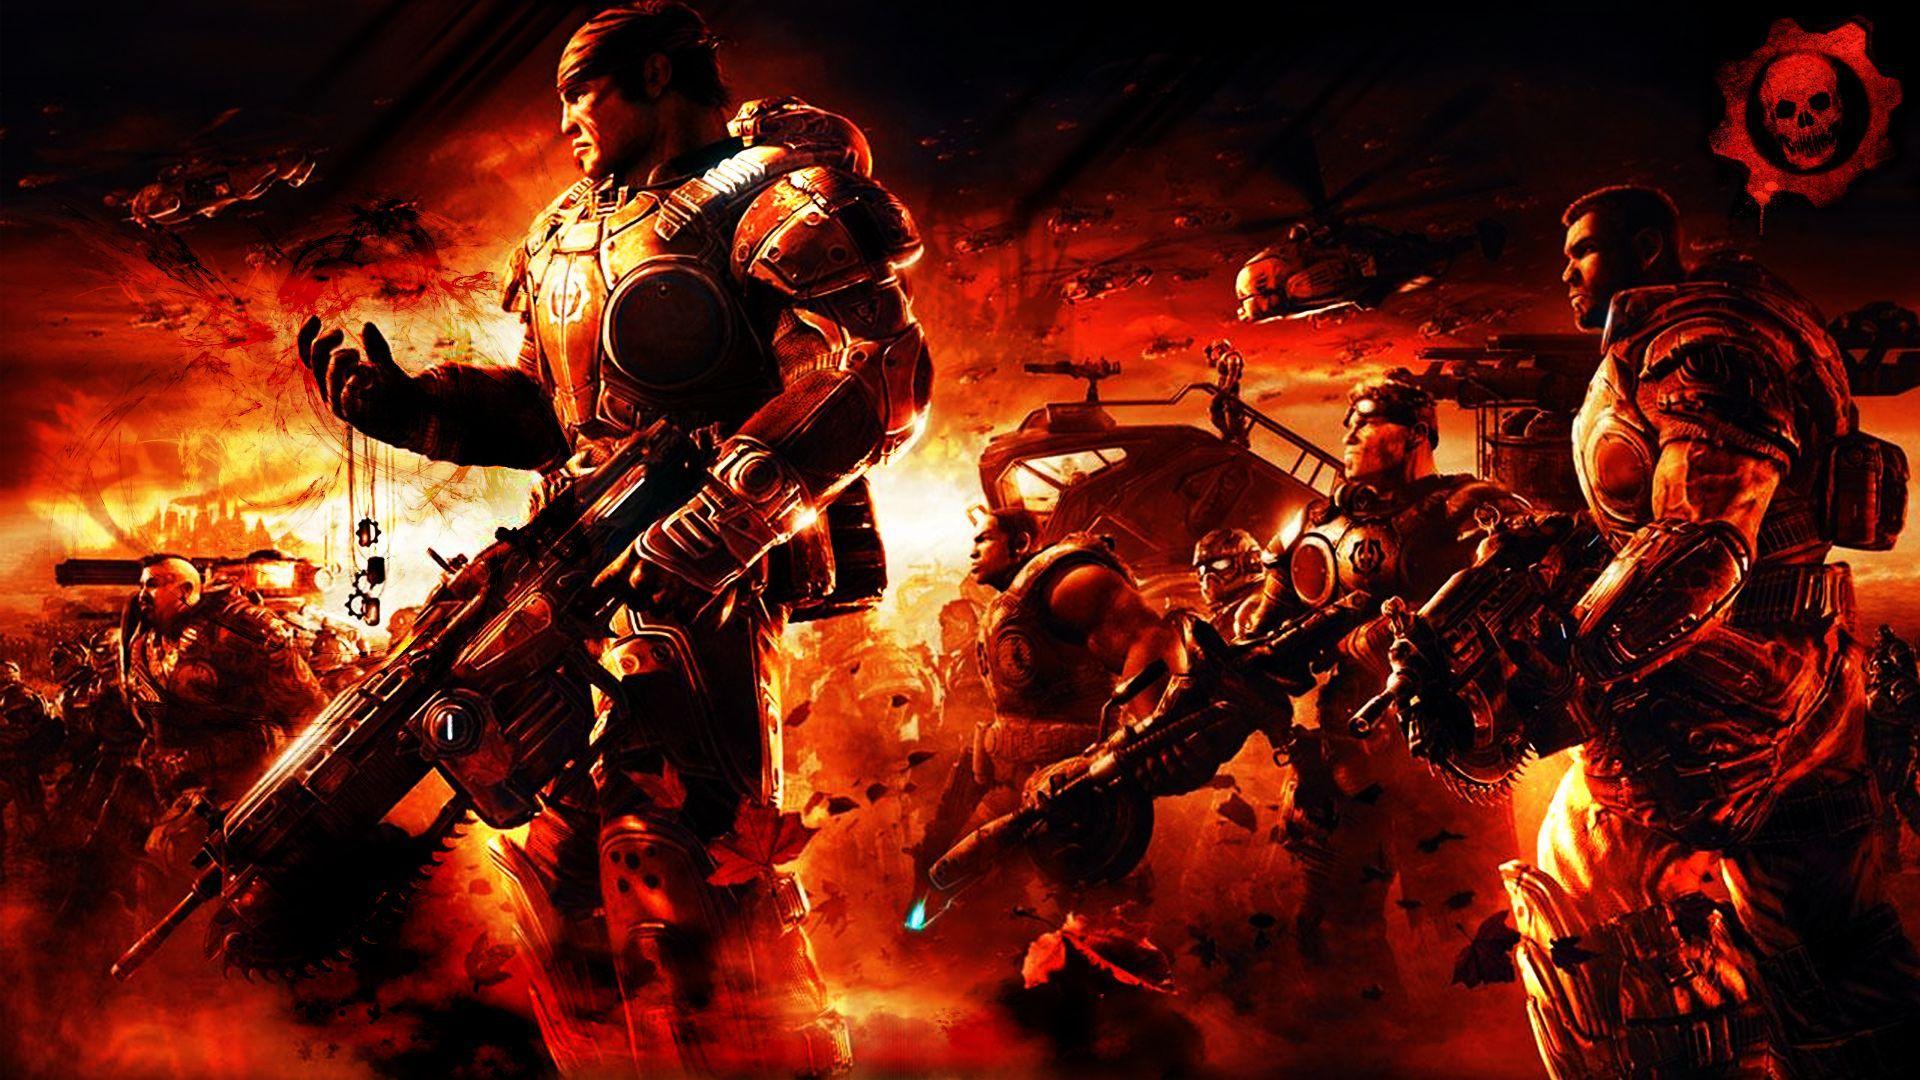 Gears Of War 2 Wallpaper Gears Of War Gears Of War 2 Art Wallpaper